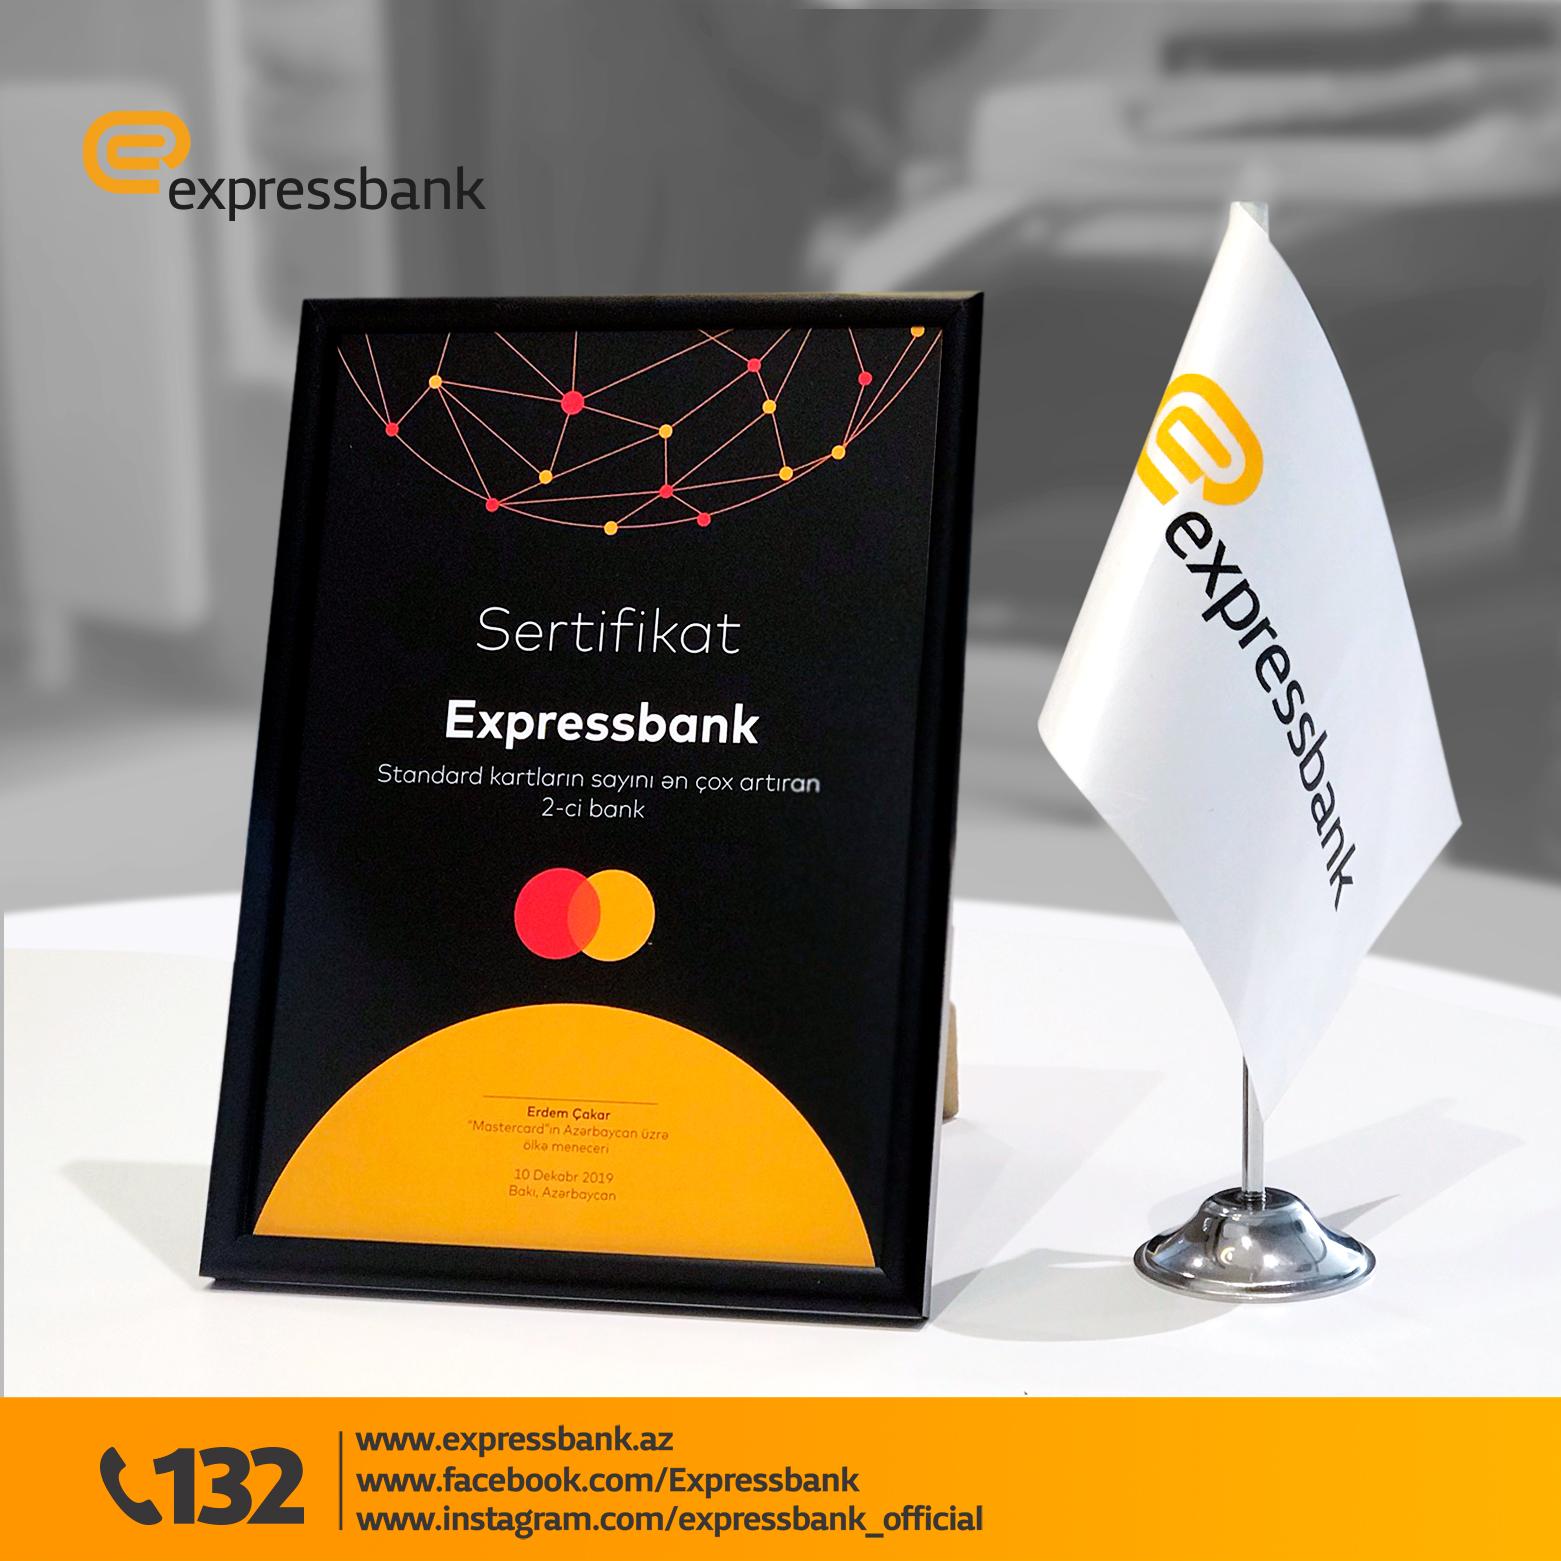 Expressbank növbəti mükafatını aldı!